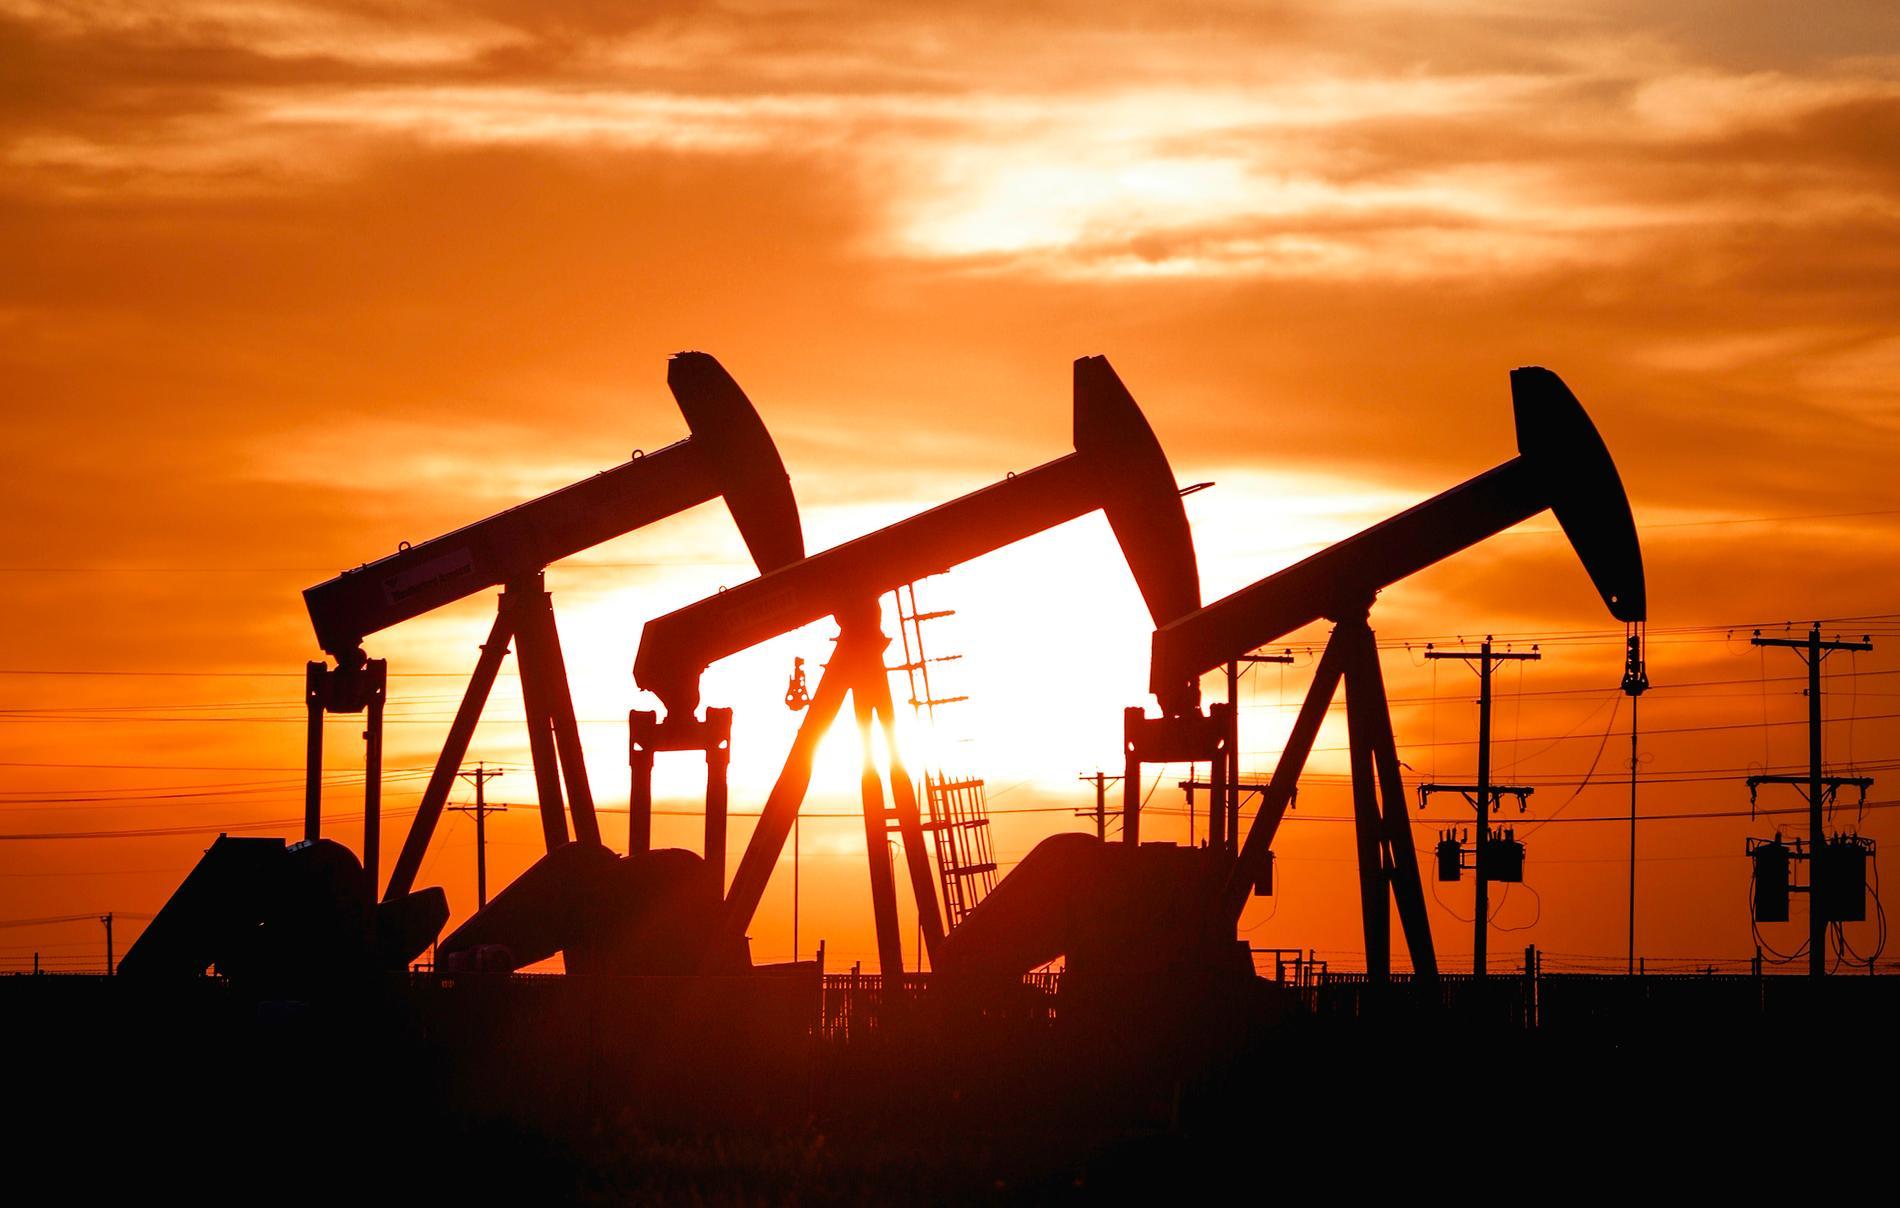 Snabbt stigande energipriser kan slå hårt mot tunga industriföretag, varnar analytiker. Arkivbild